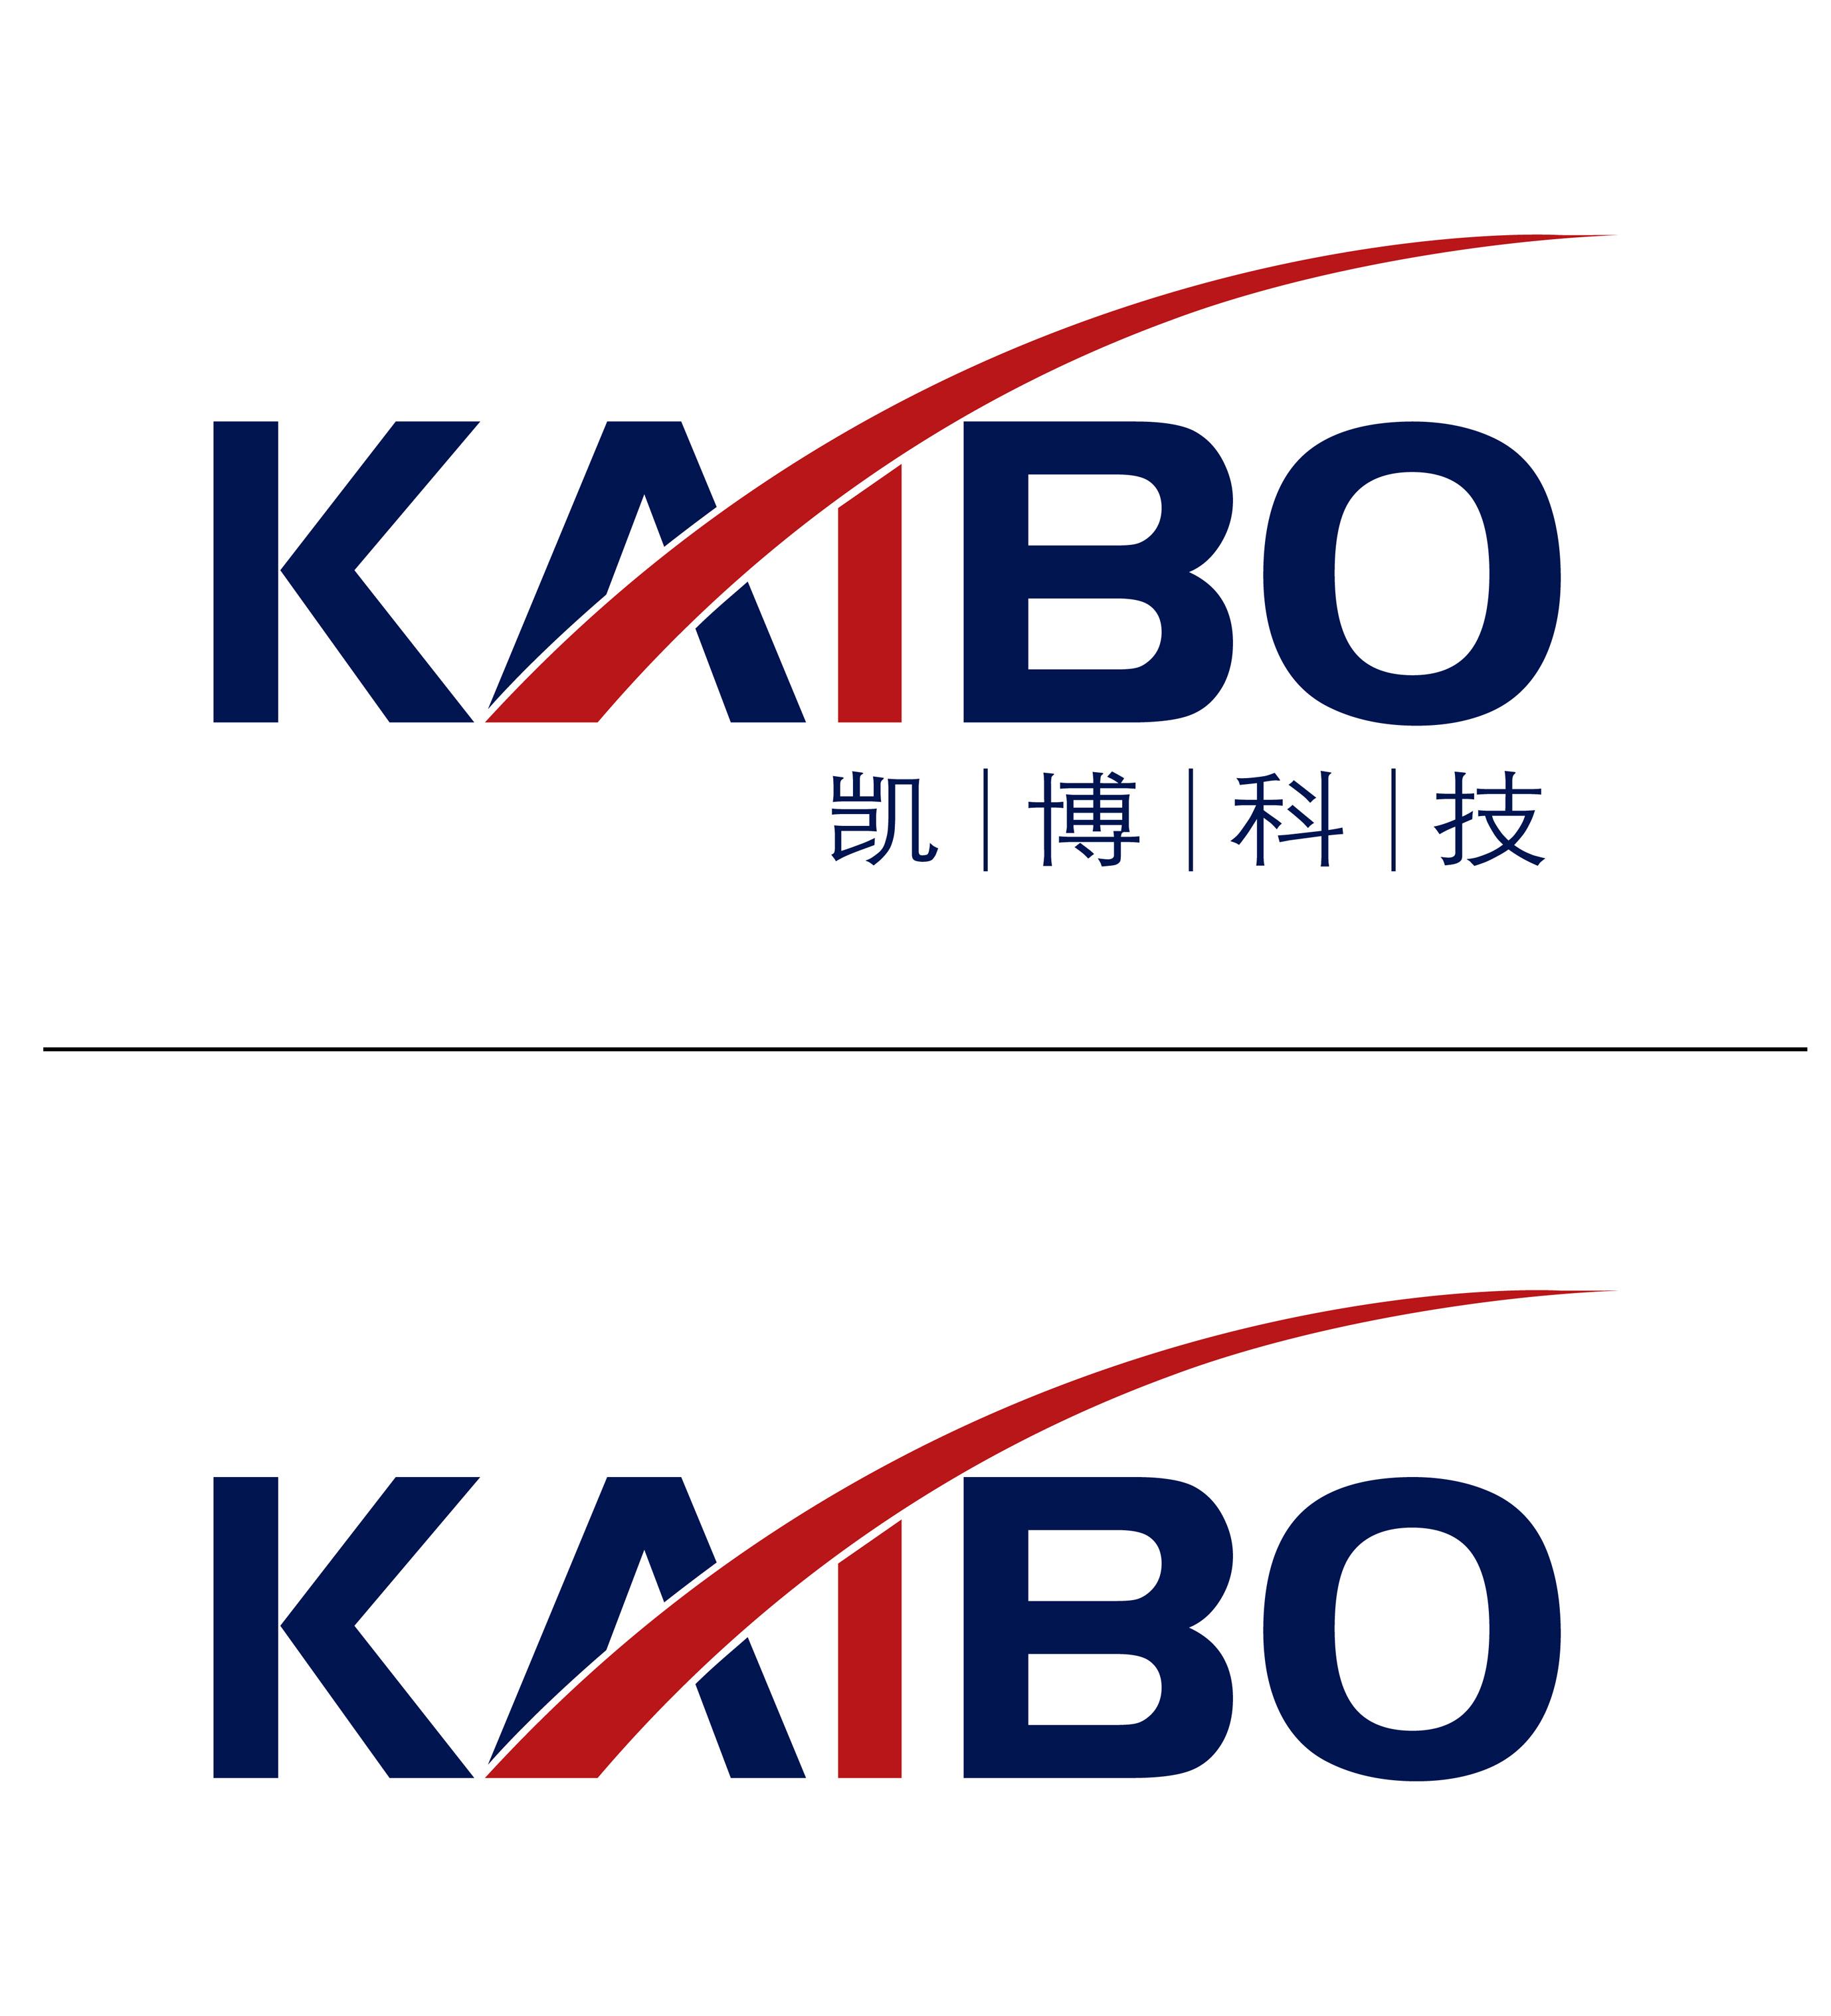 大连凯博科技发展有限公司